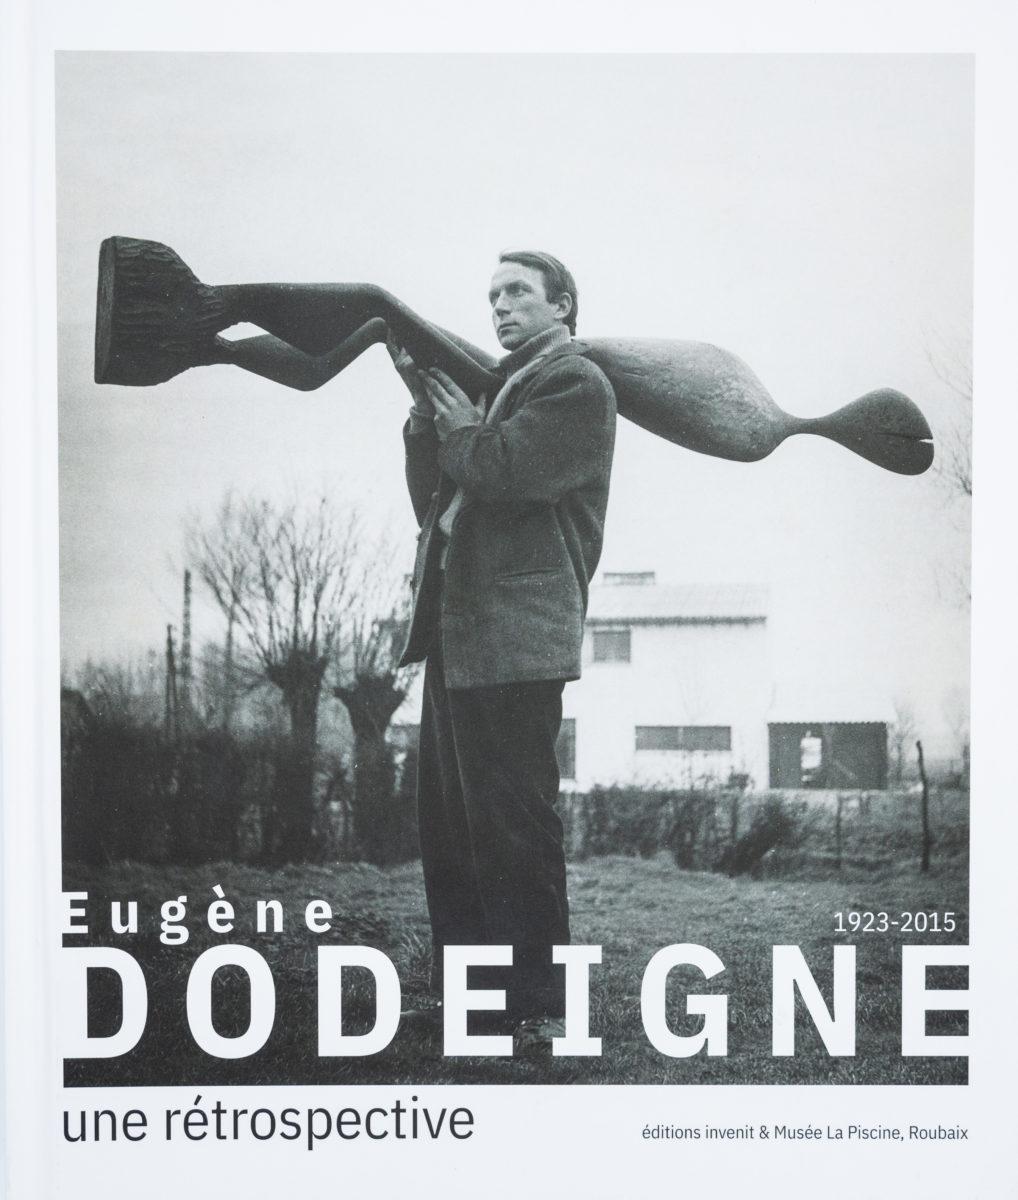 Eugène Dodeigne, Une rétrospective